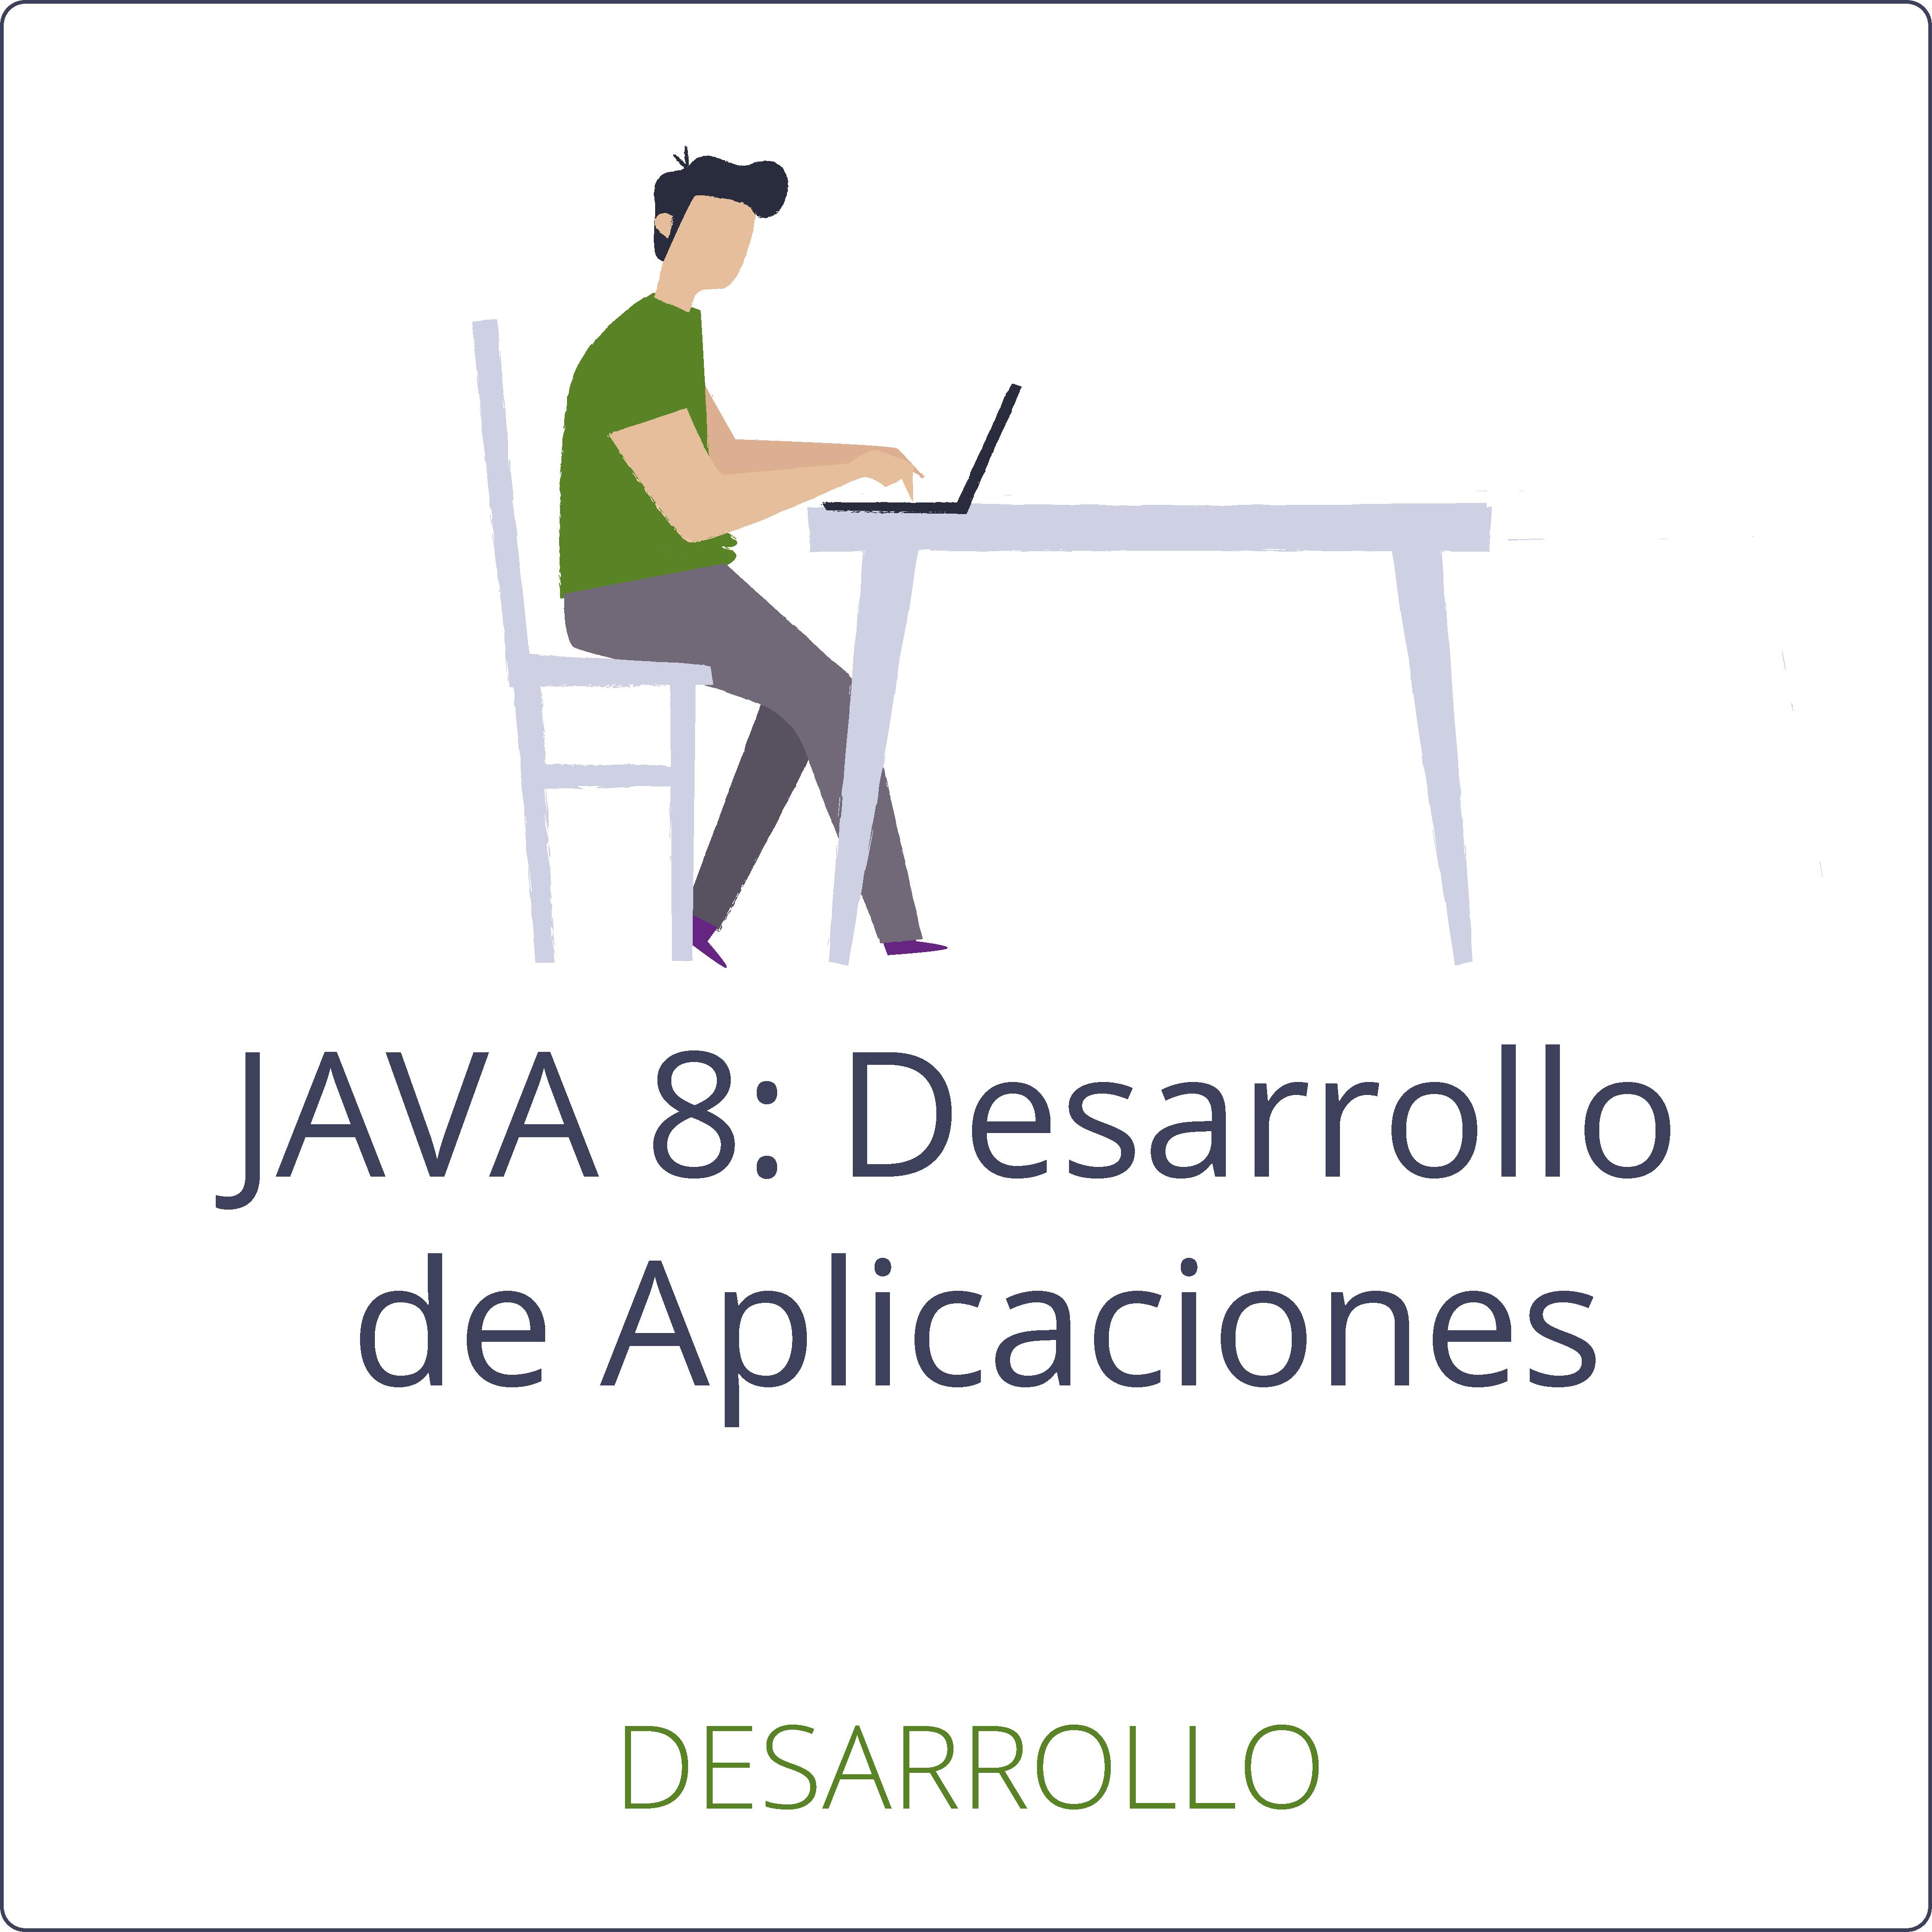 JAVA 8: Desarrollo de Aplicaciones